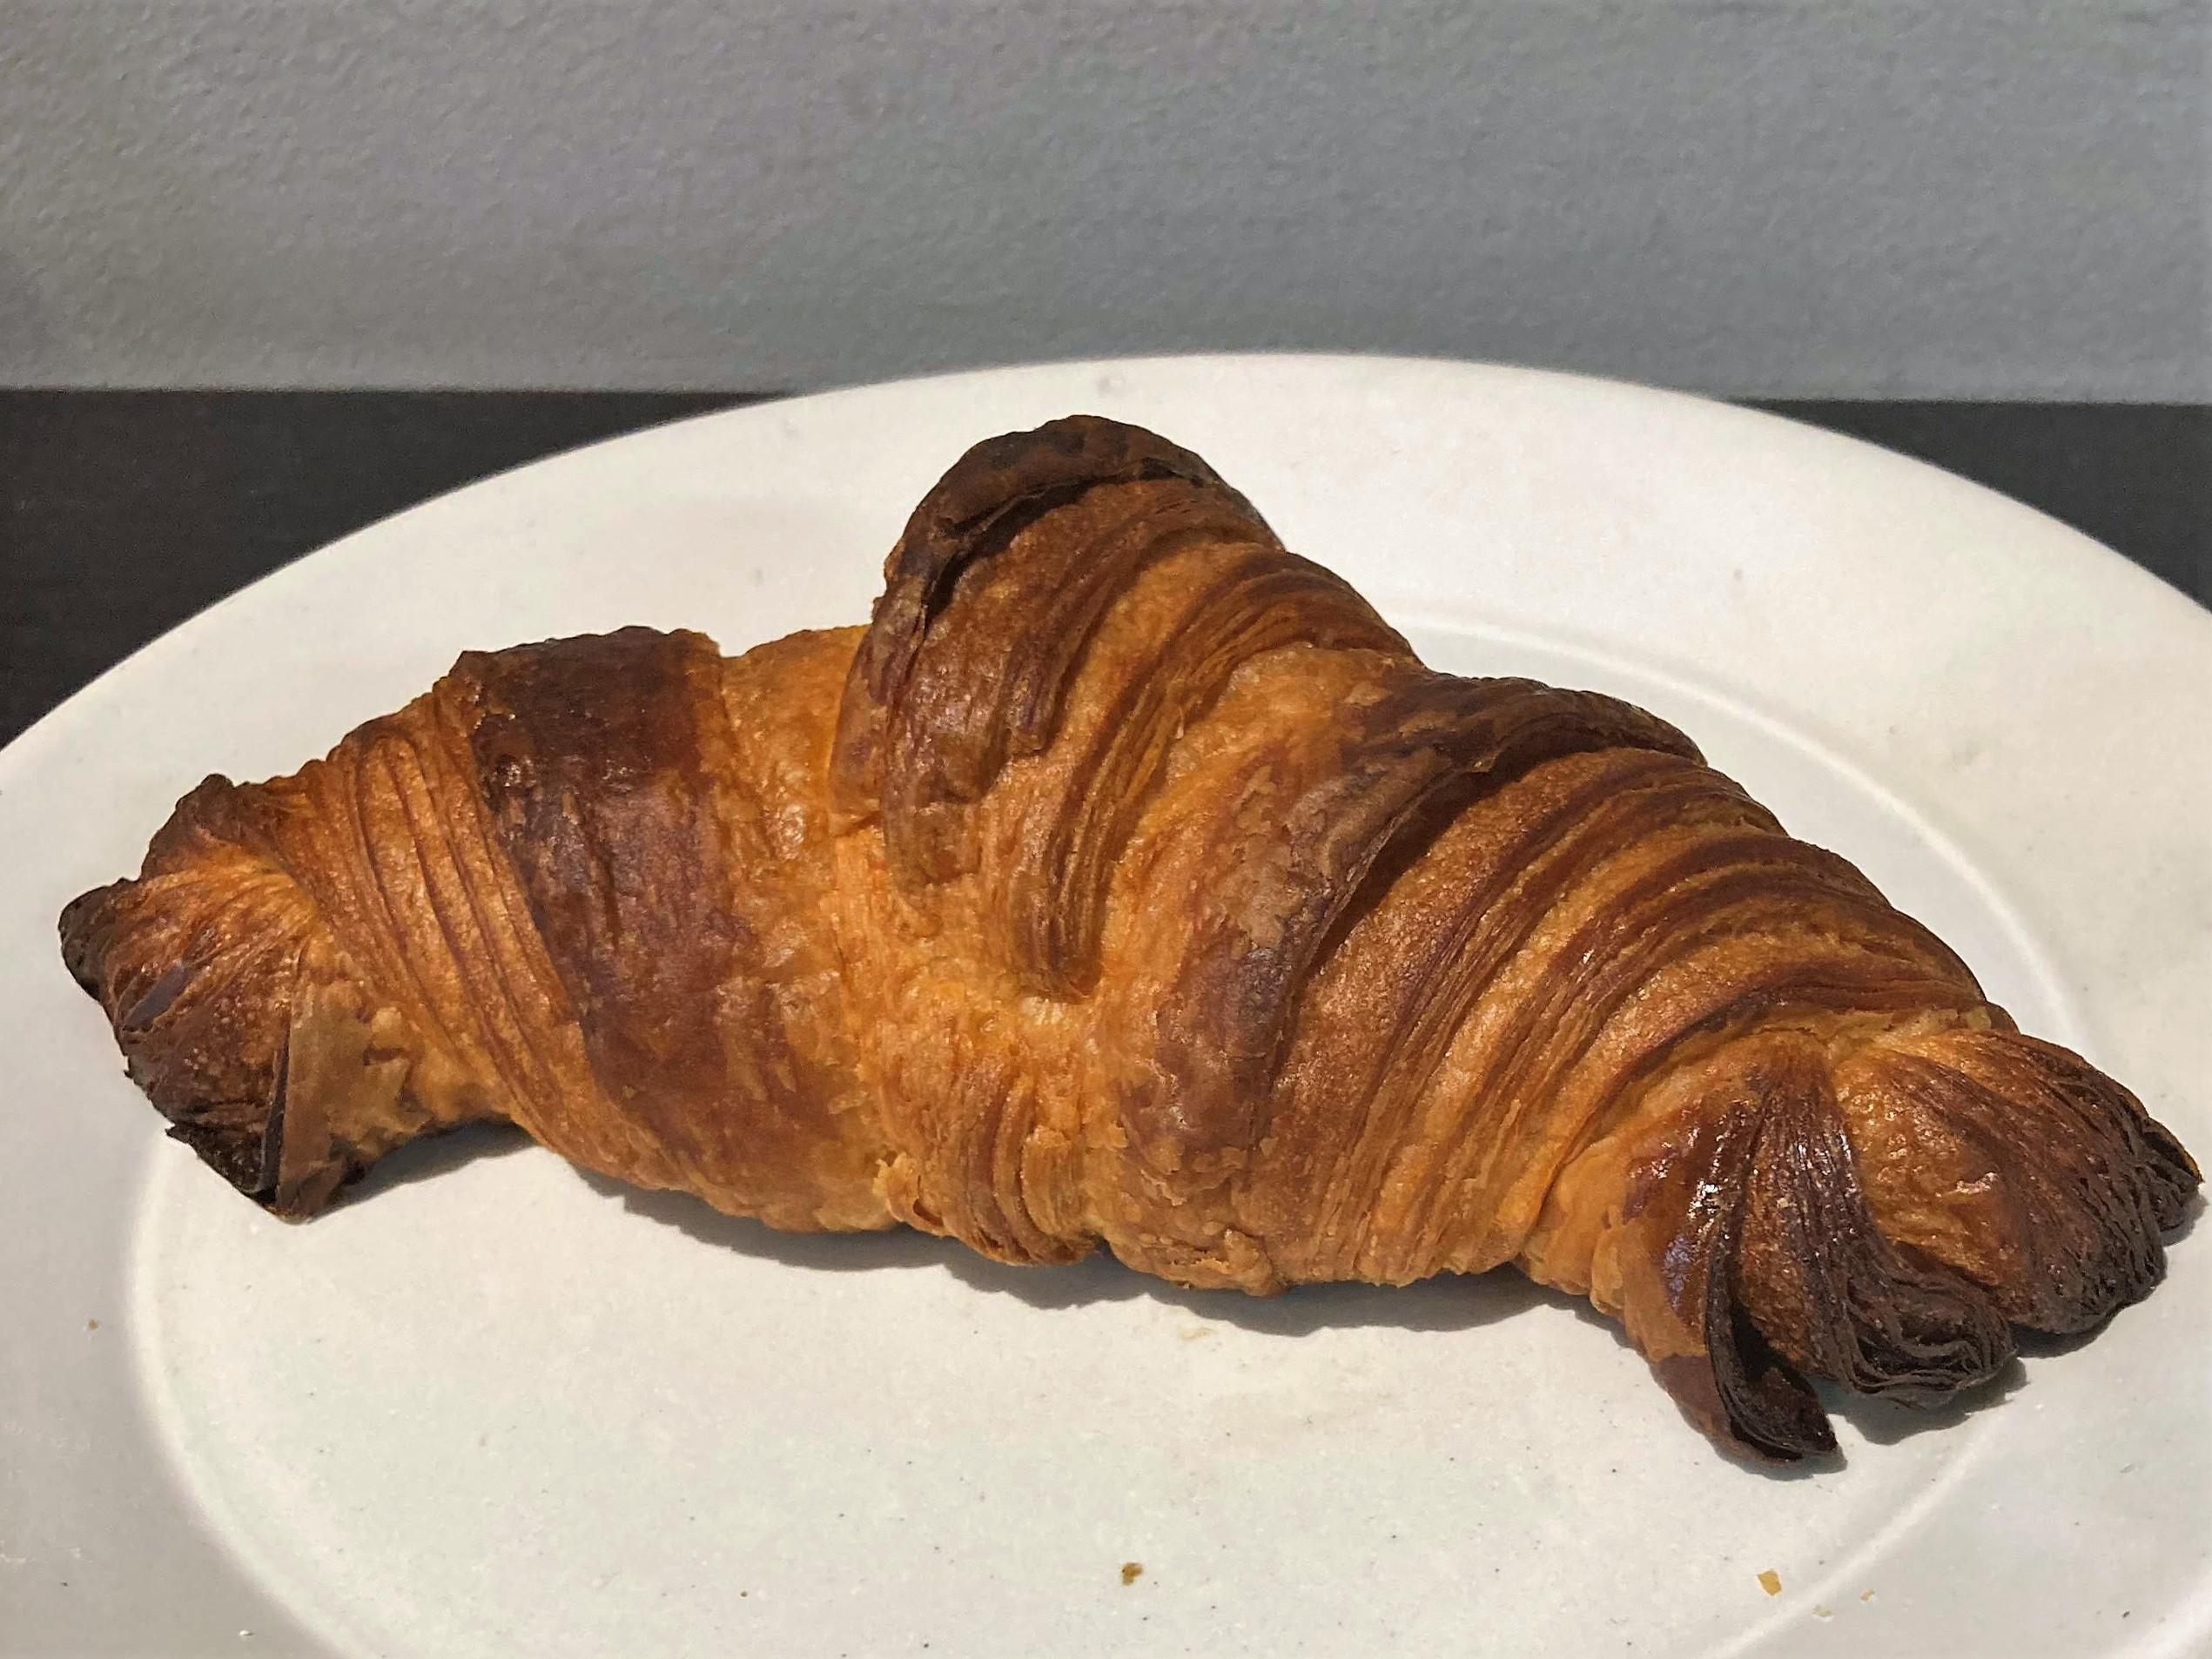 毎日でも食べたいパン屋さんはここ!あいなごの読者がおすすめする愛知県のパン屋さん5選 - 5ea2071f26c60af267c94467cc987f96